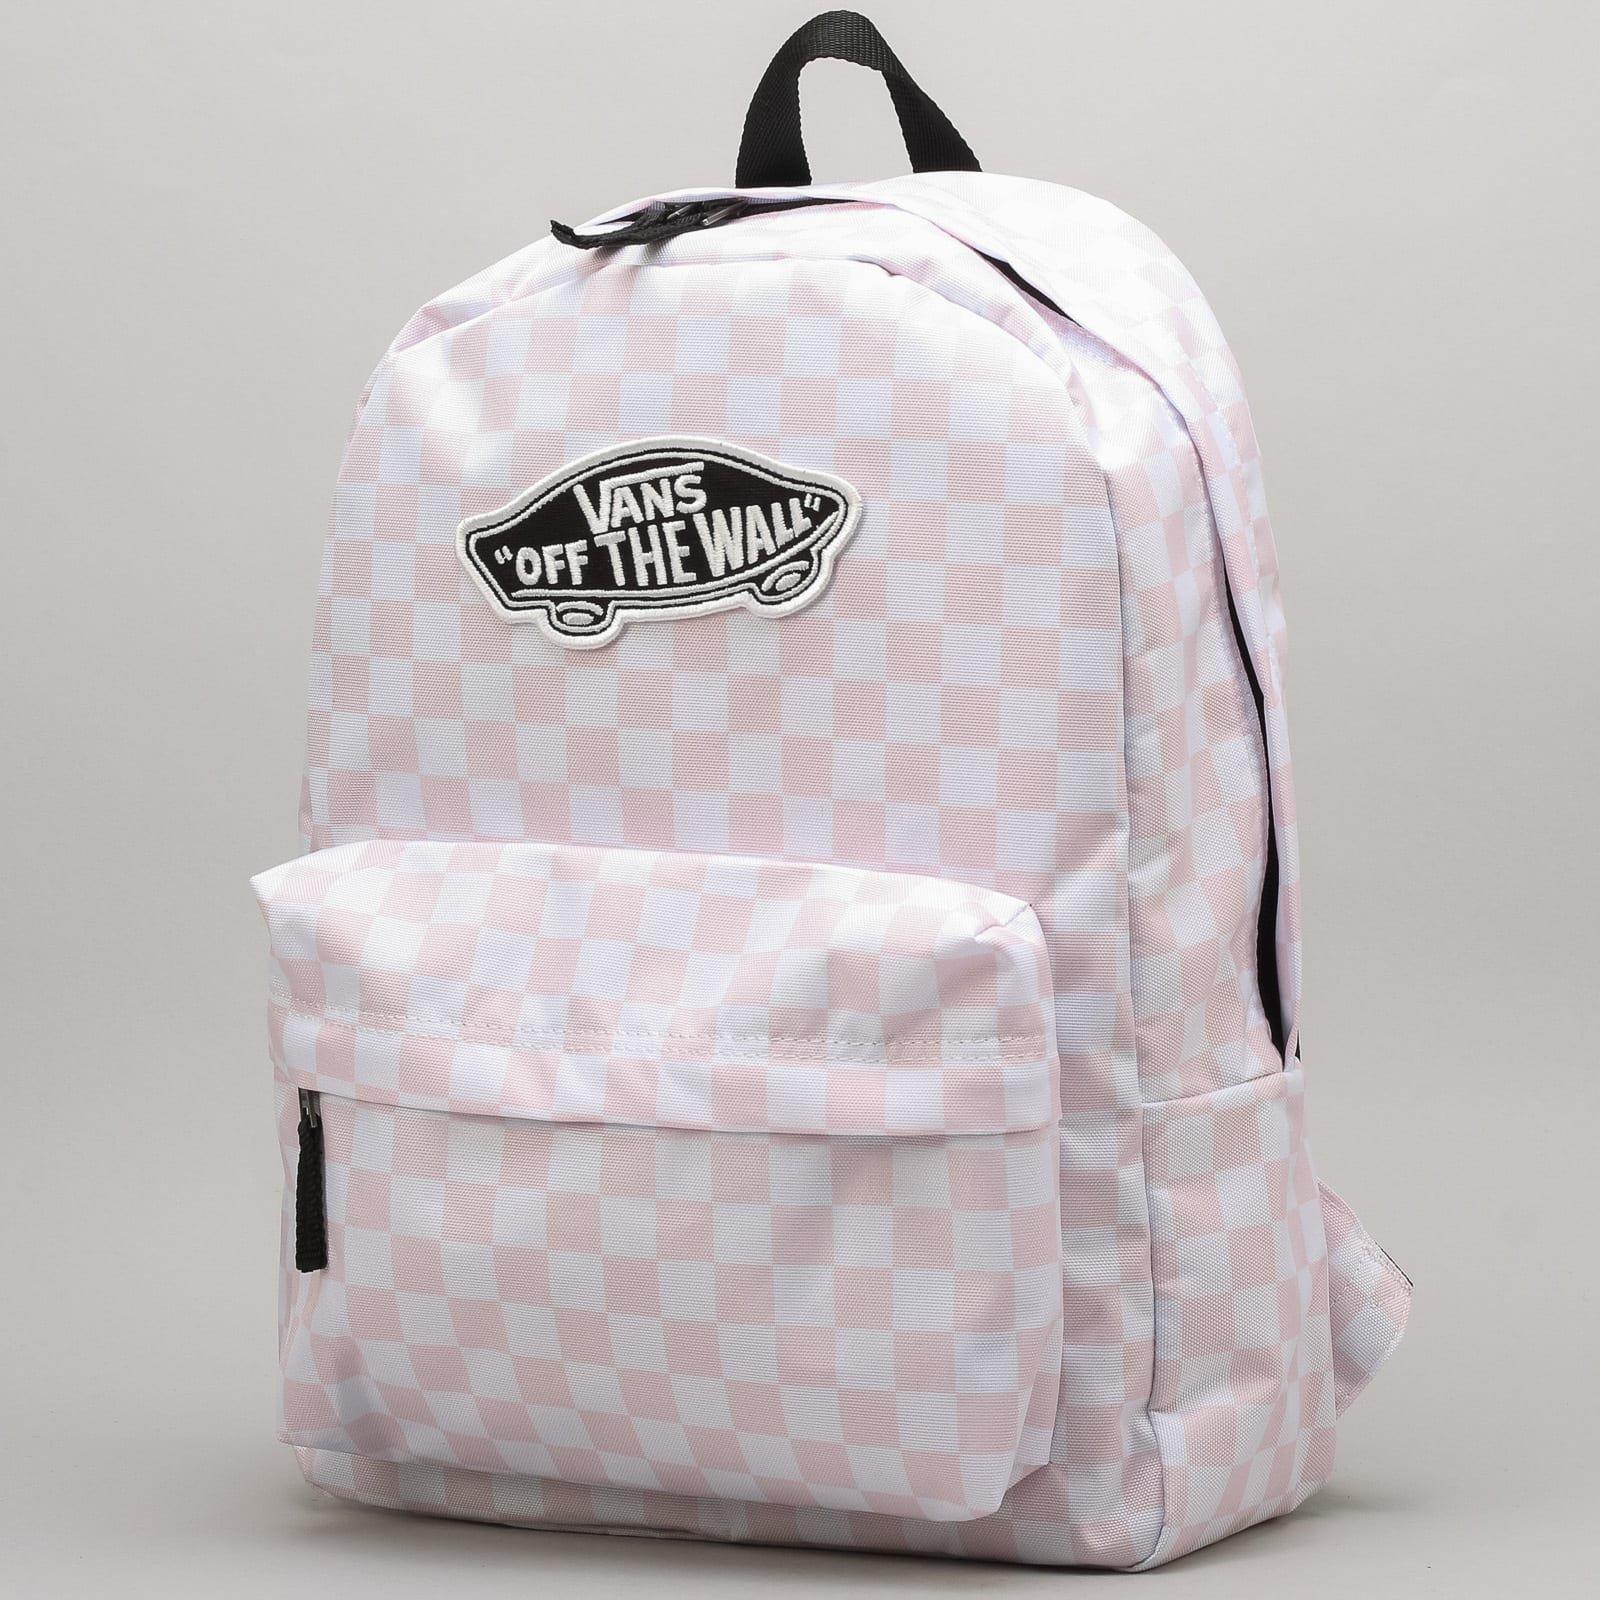 Vans Realm Backpack 22 l růžový od 791 Kč • Zboží.cz eca0a1d9dc